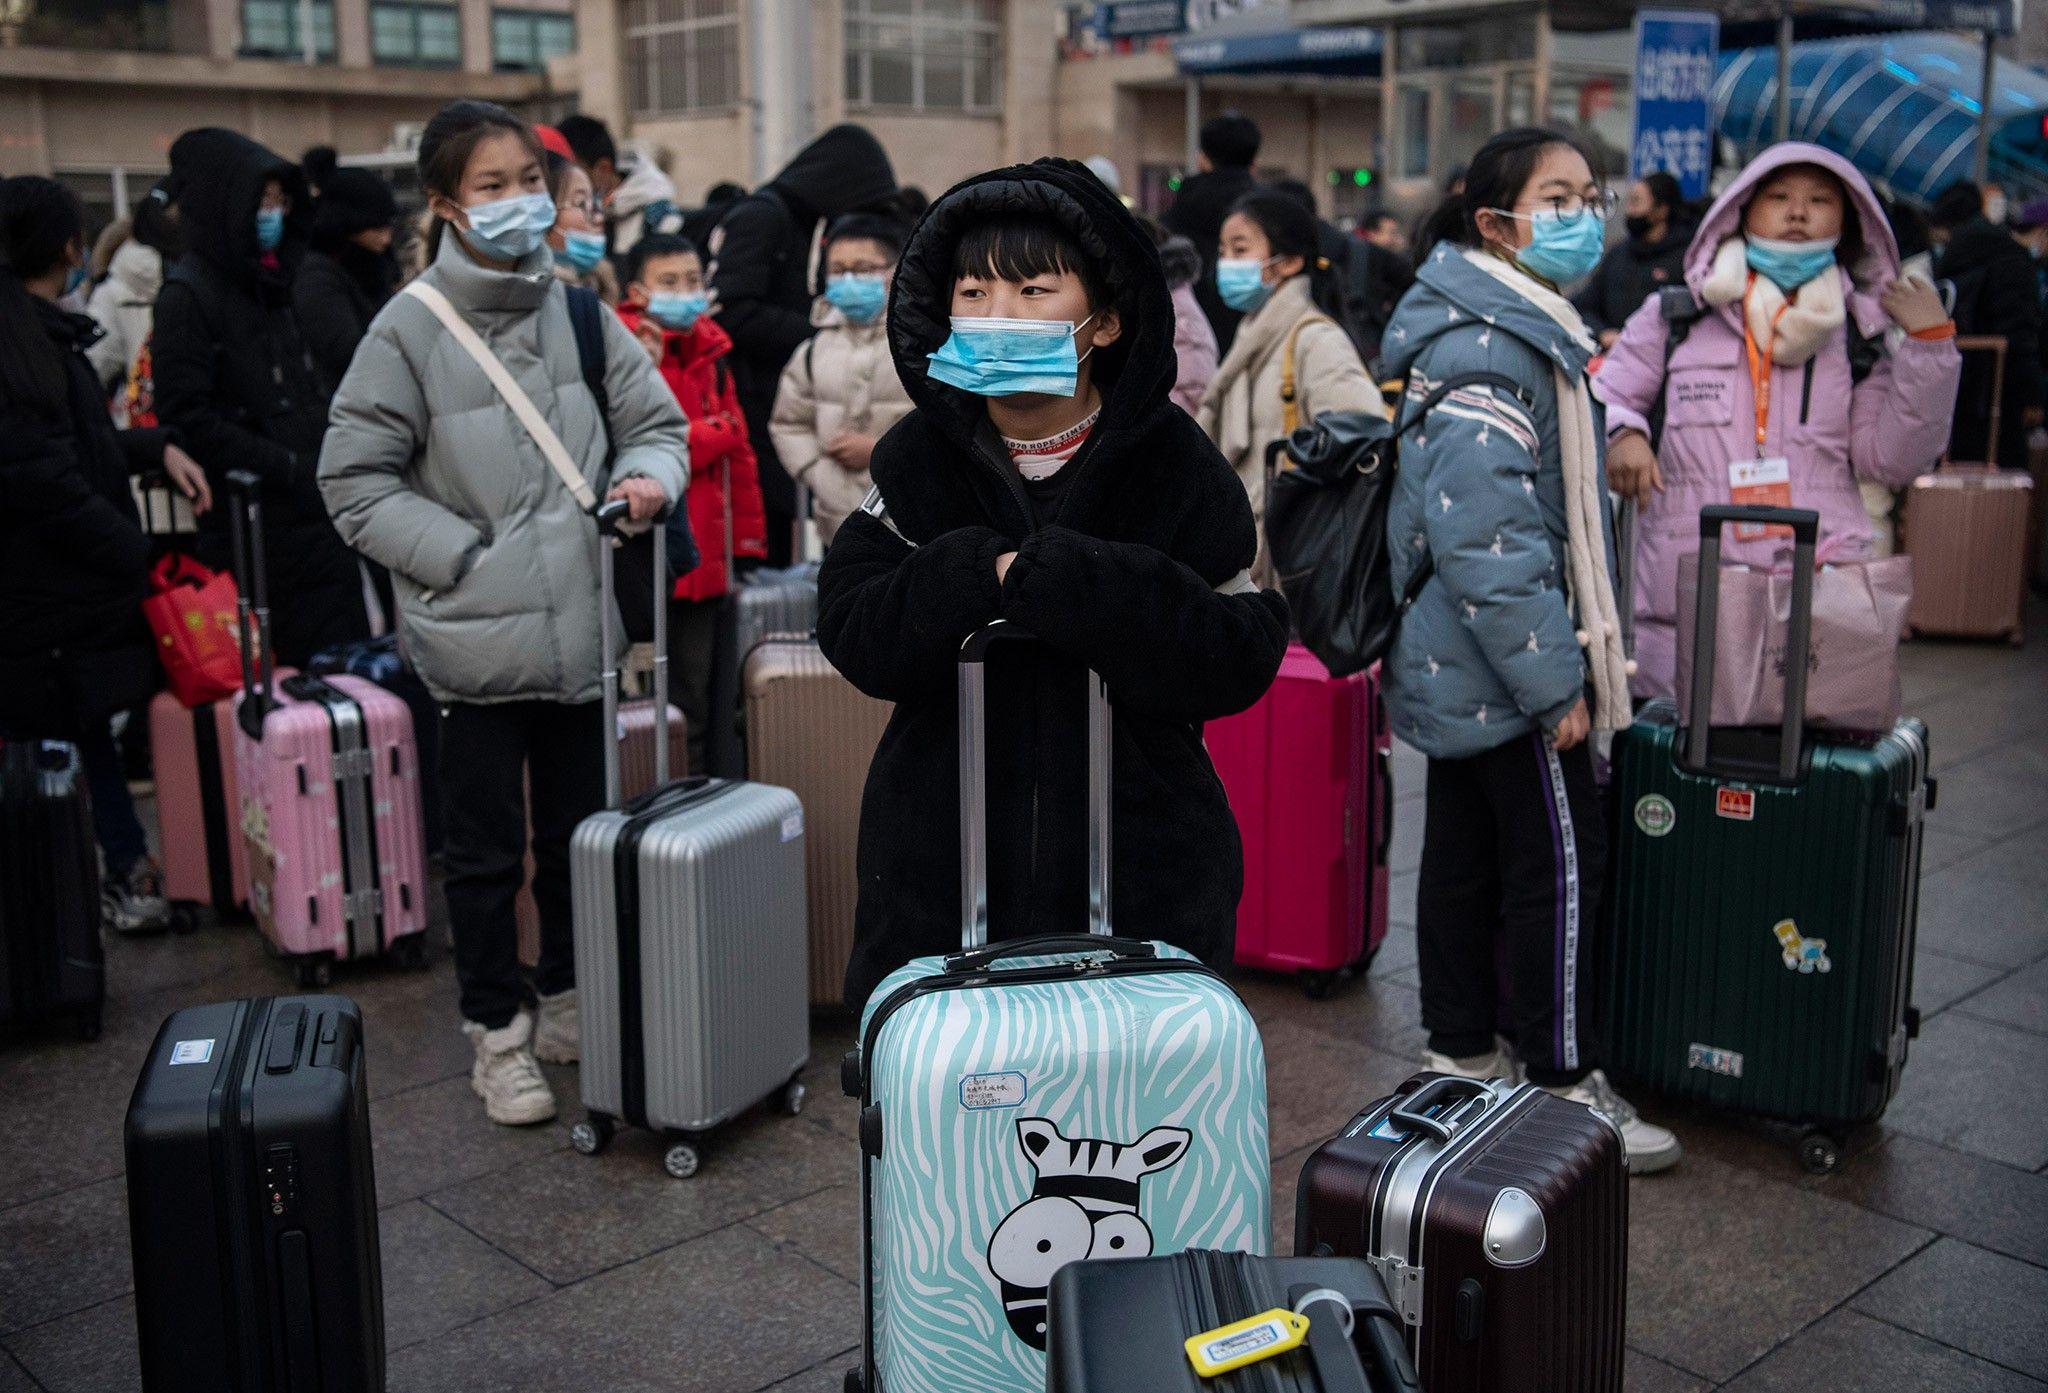 Flambée de pneumonie en Chine: le coupable est peut-être un coronavirus